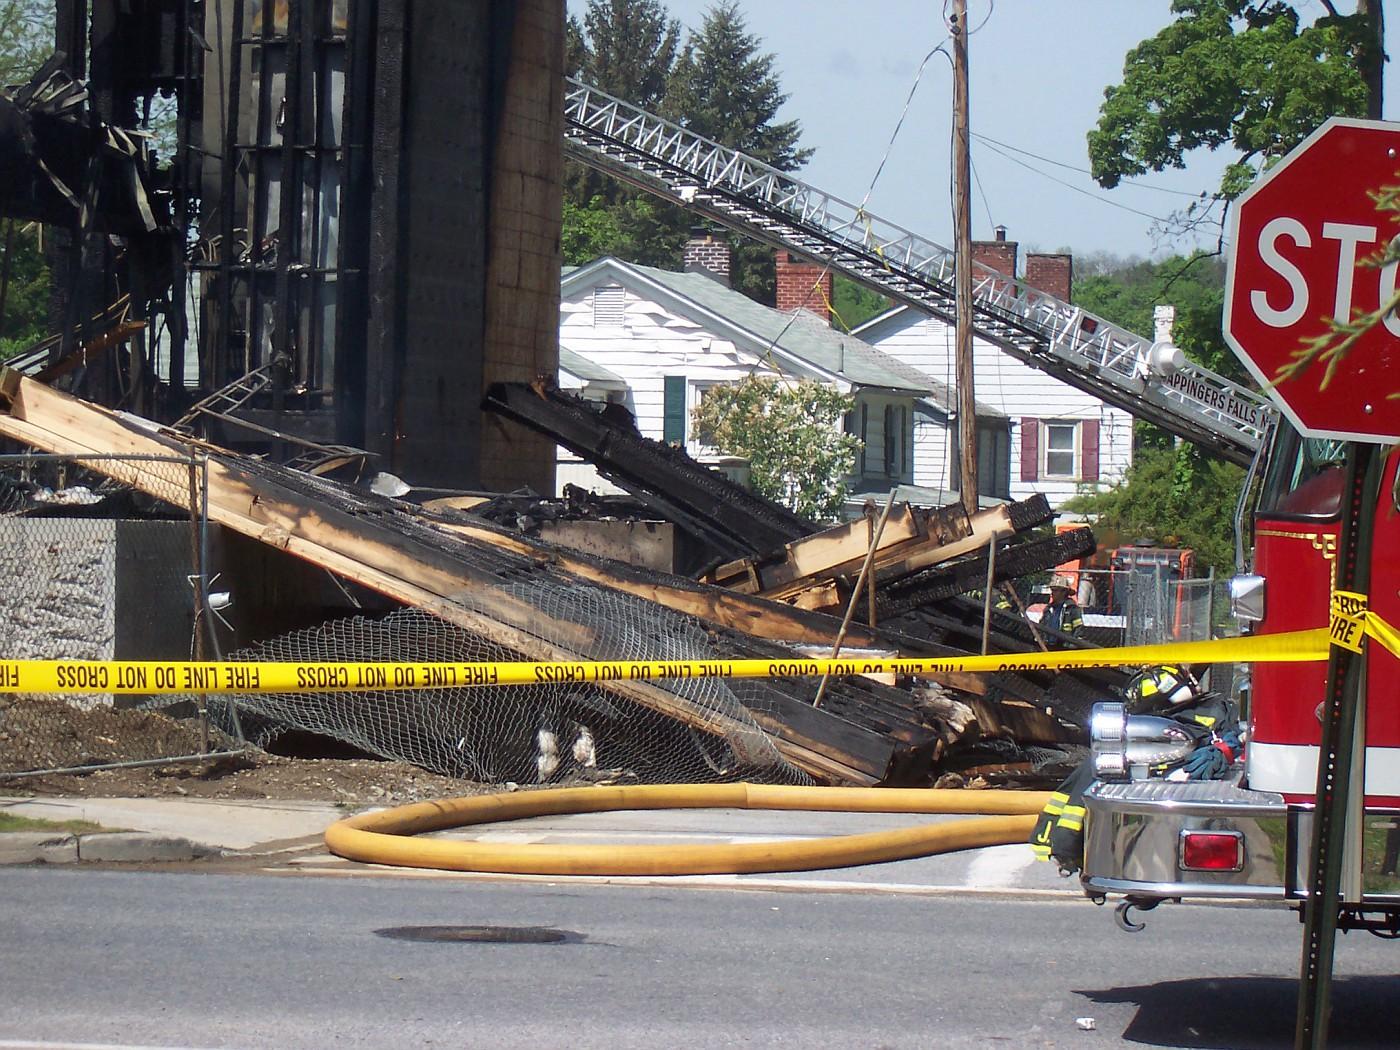 Church Fire, 5/11/08